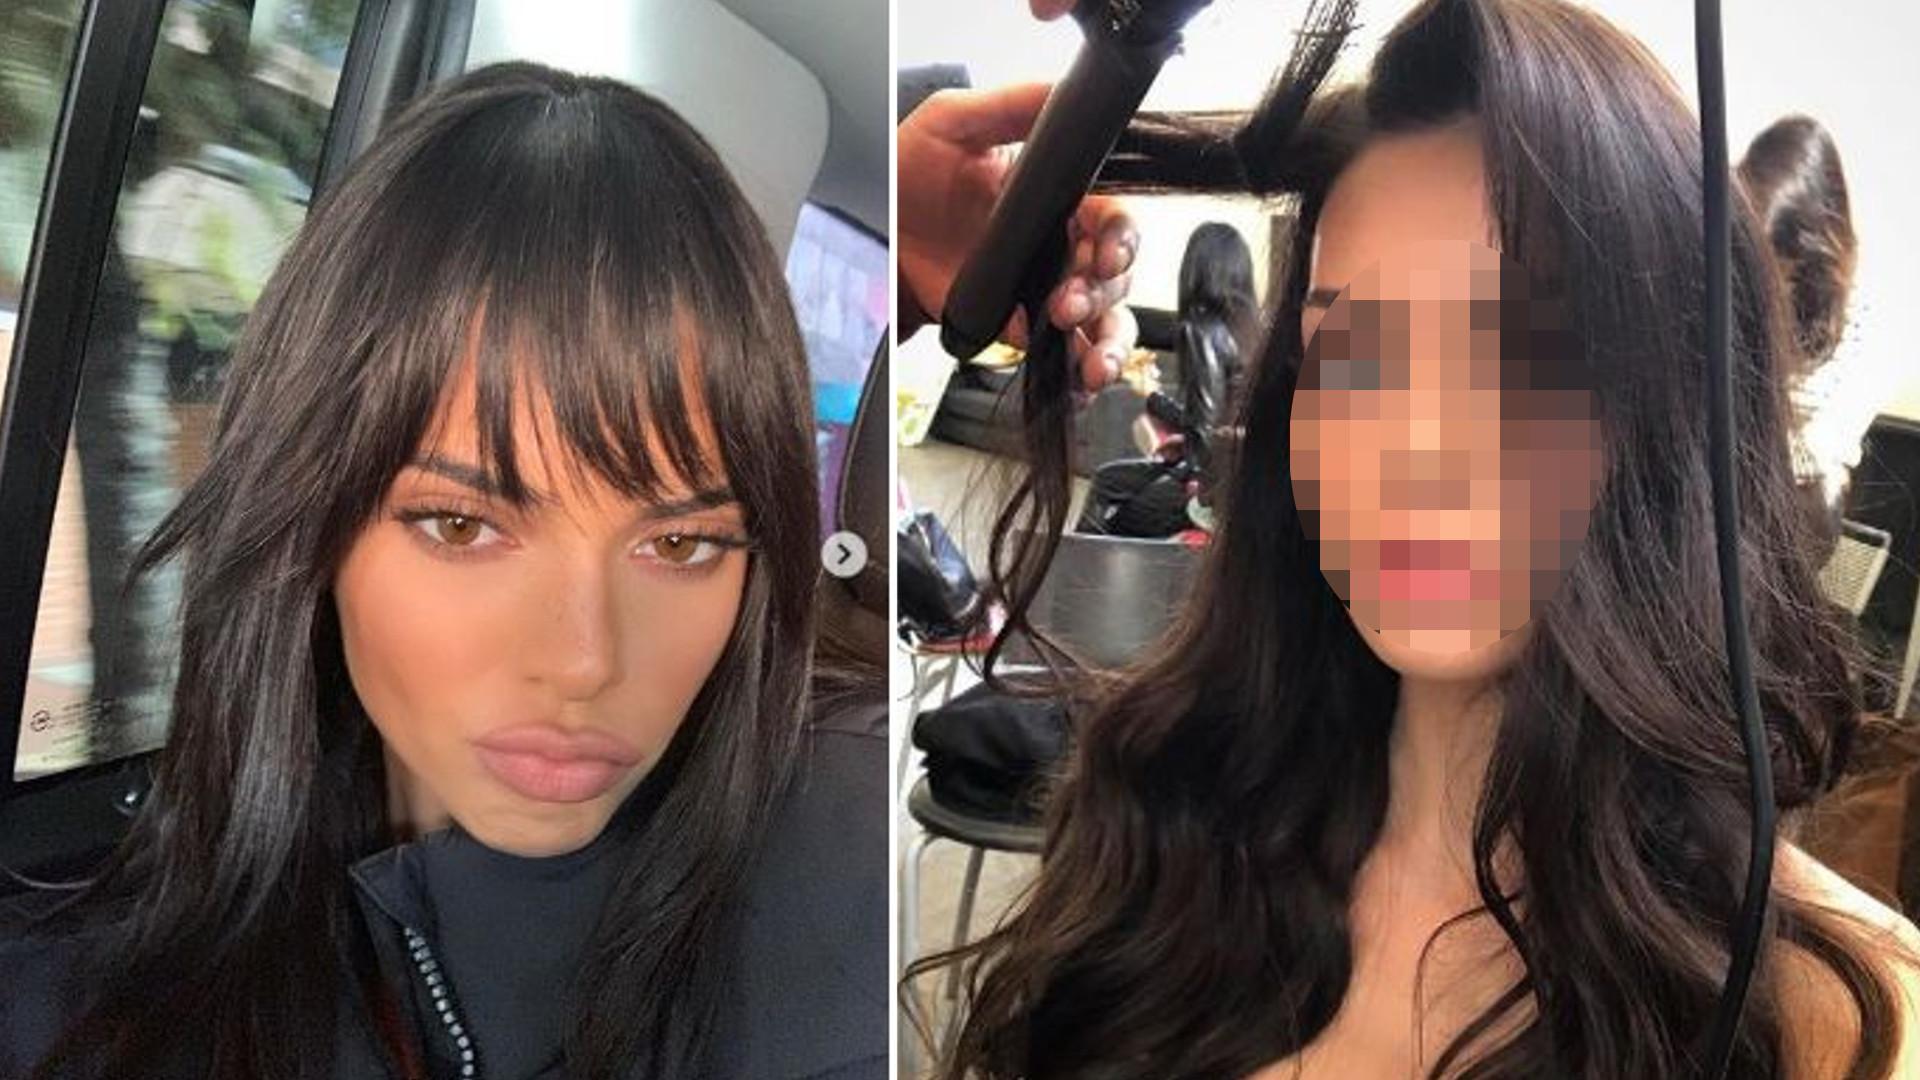 Zachwycacie się urodą Kendall Jenner? To spójrzcie na tę polską modelkę!